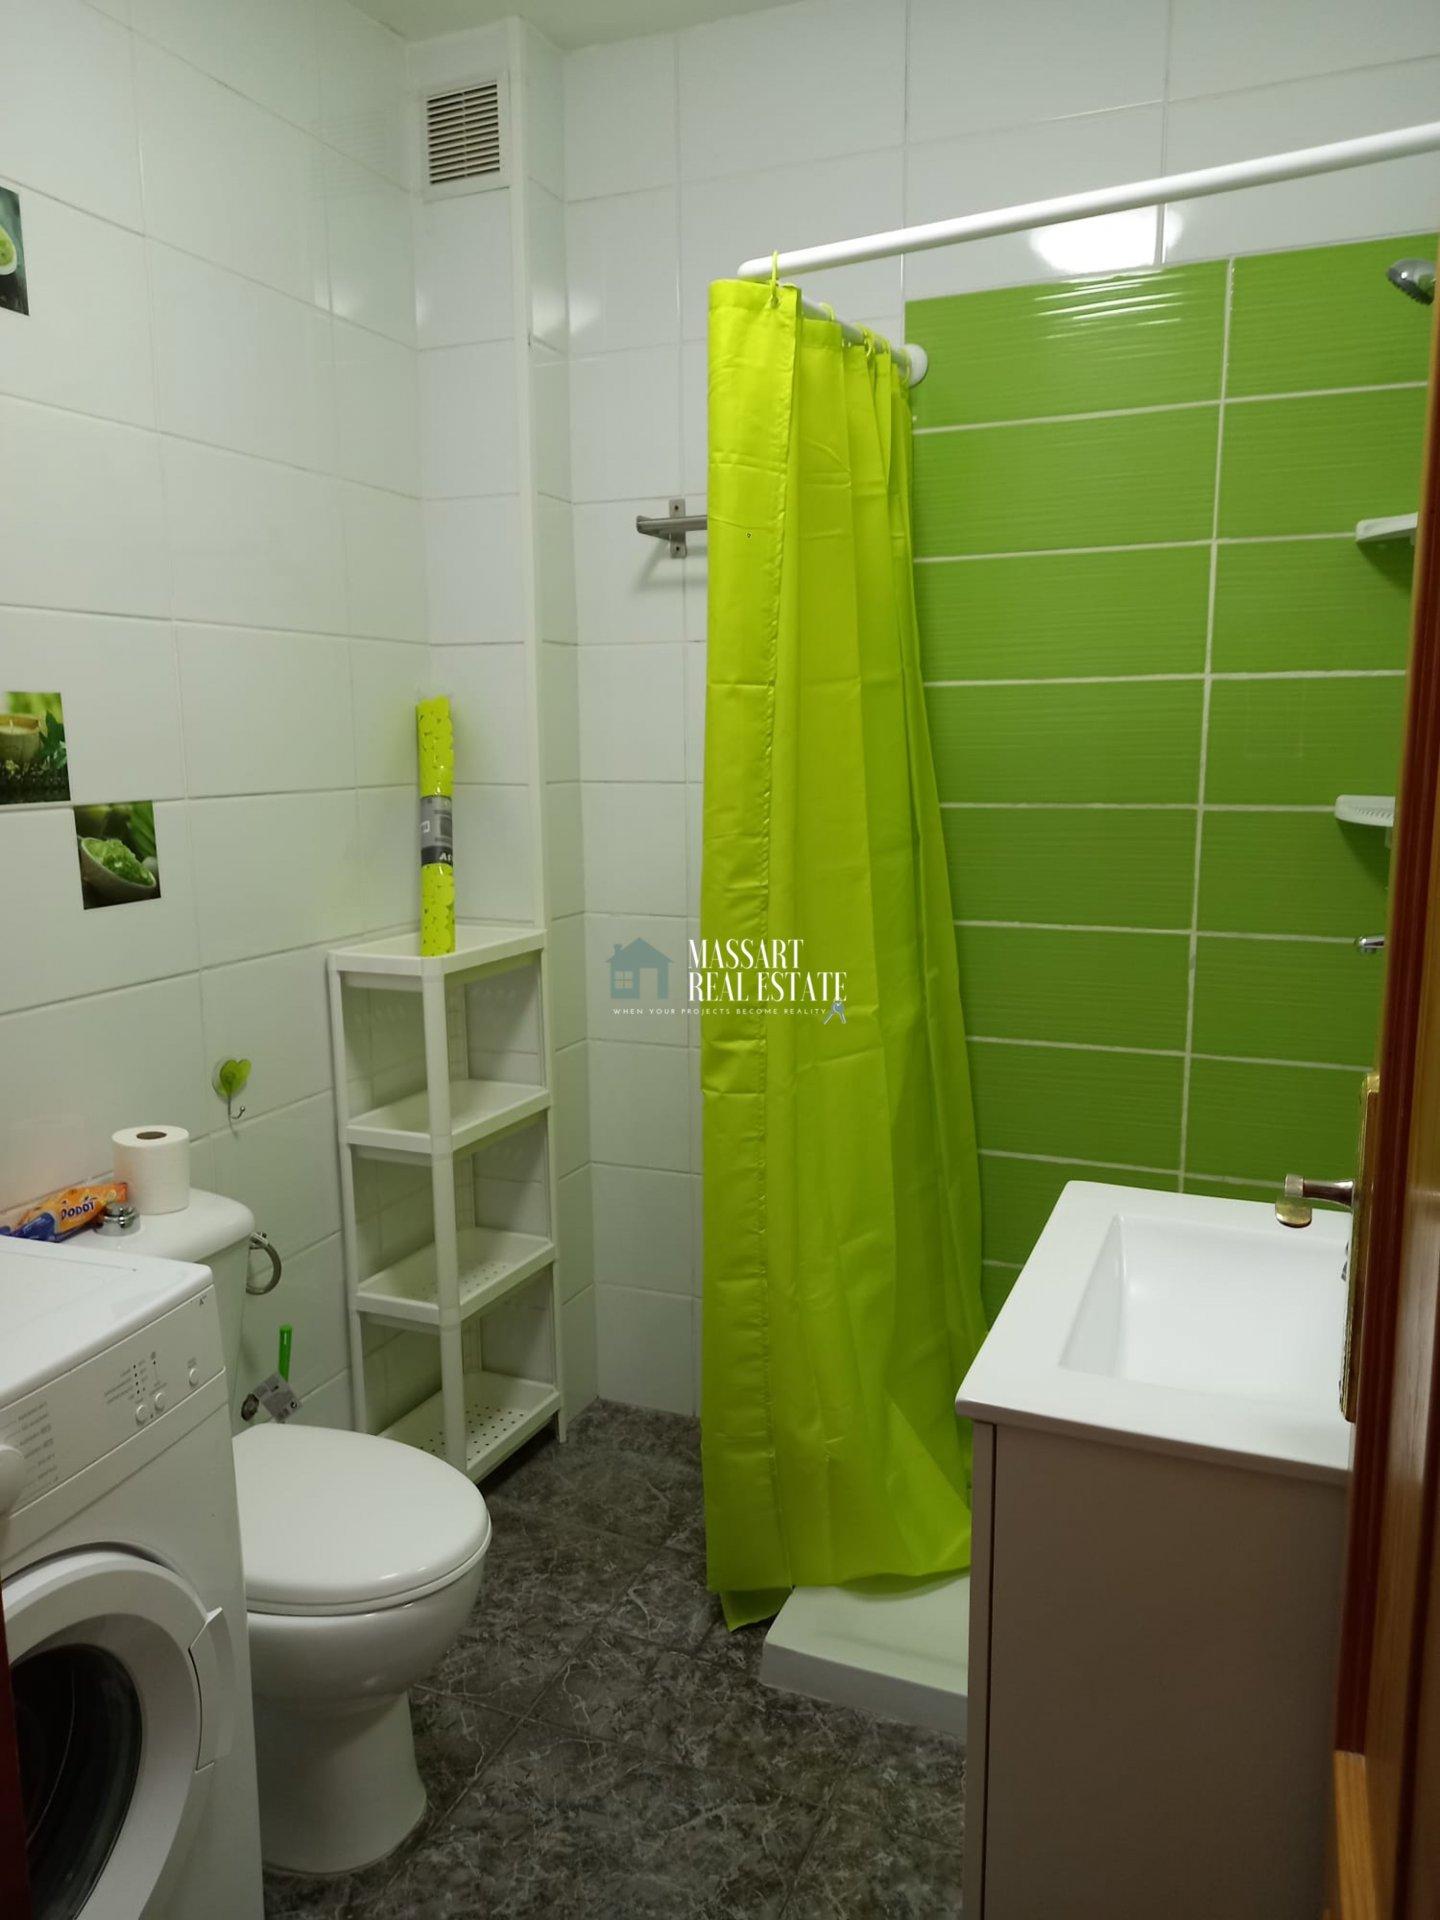 Appartement moderne de 60 m2 entièrement meublé et idéal pour emménager maintenant, à Guargacho.